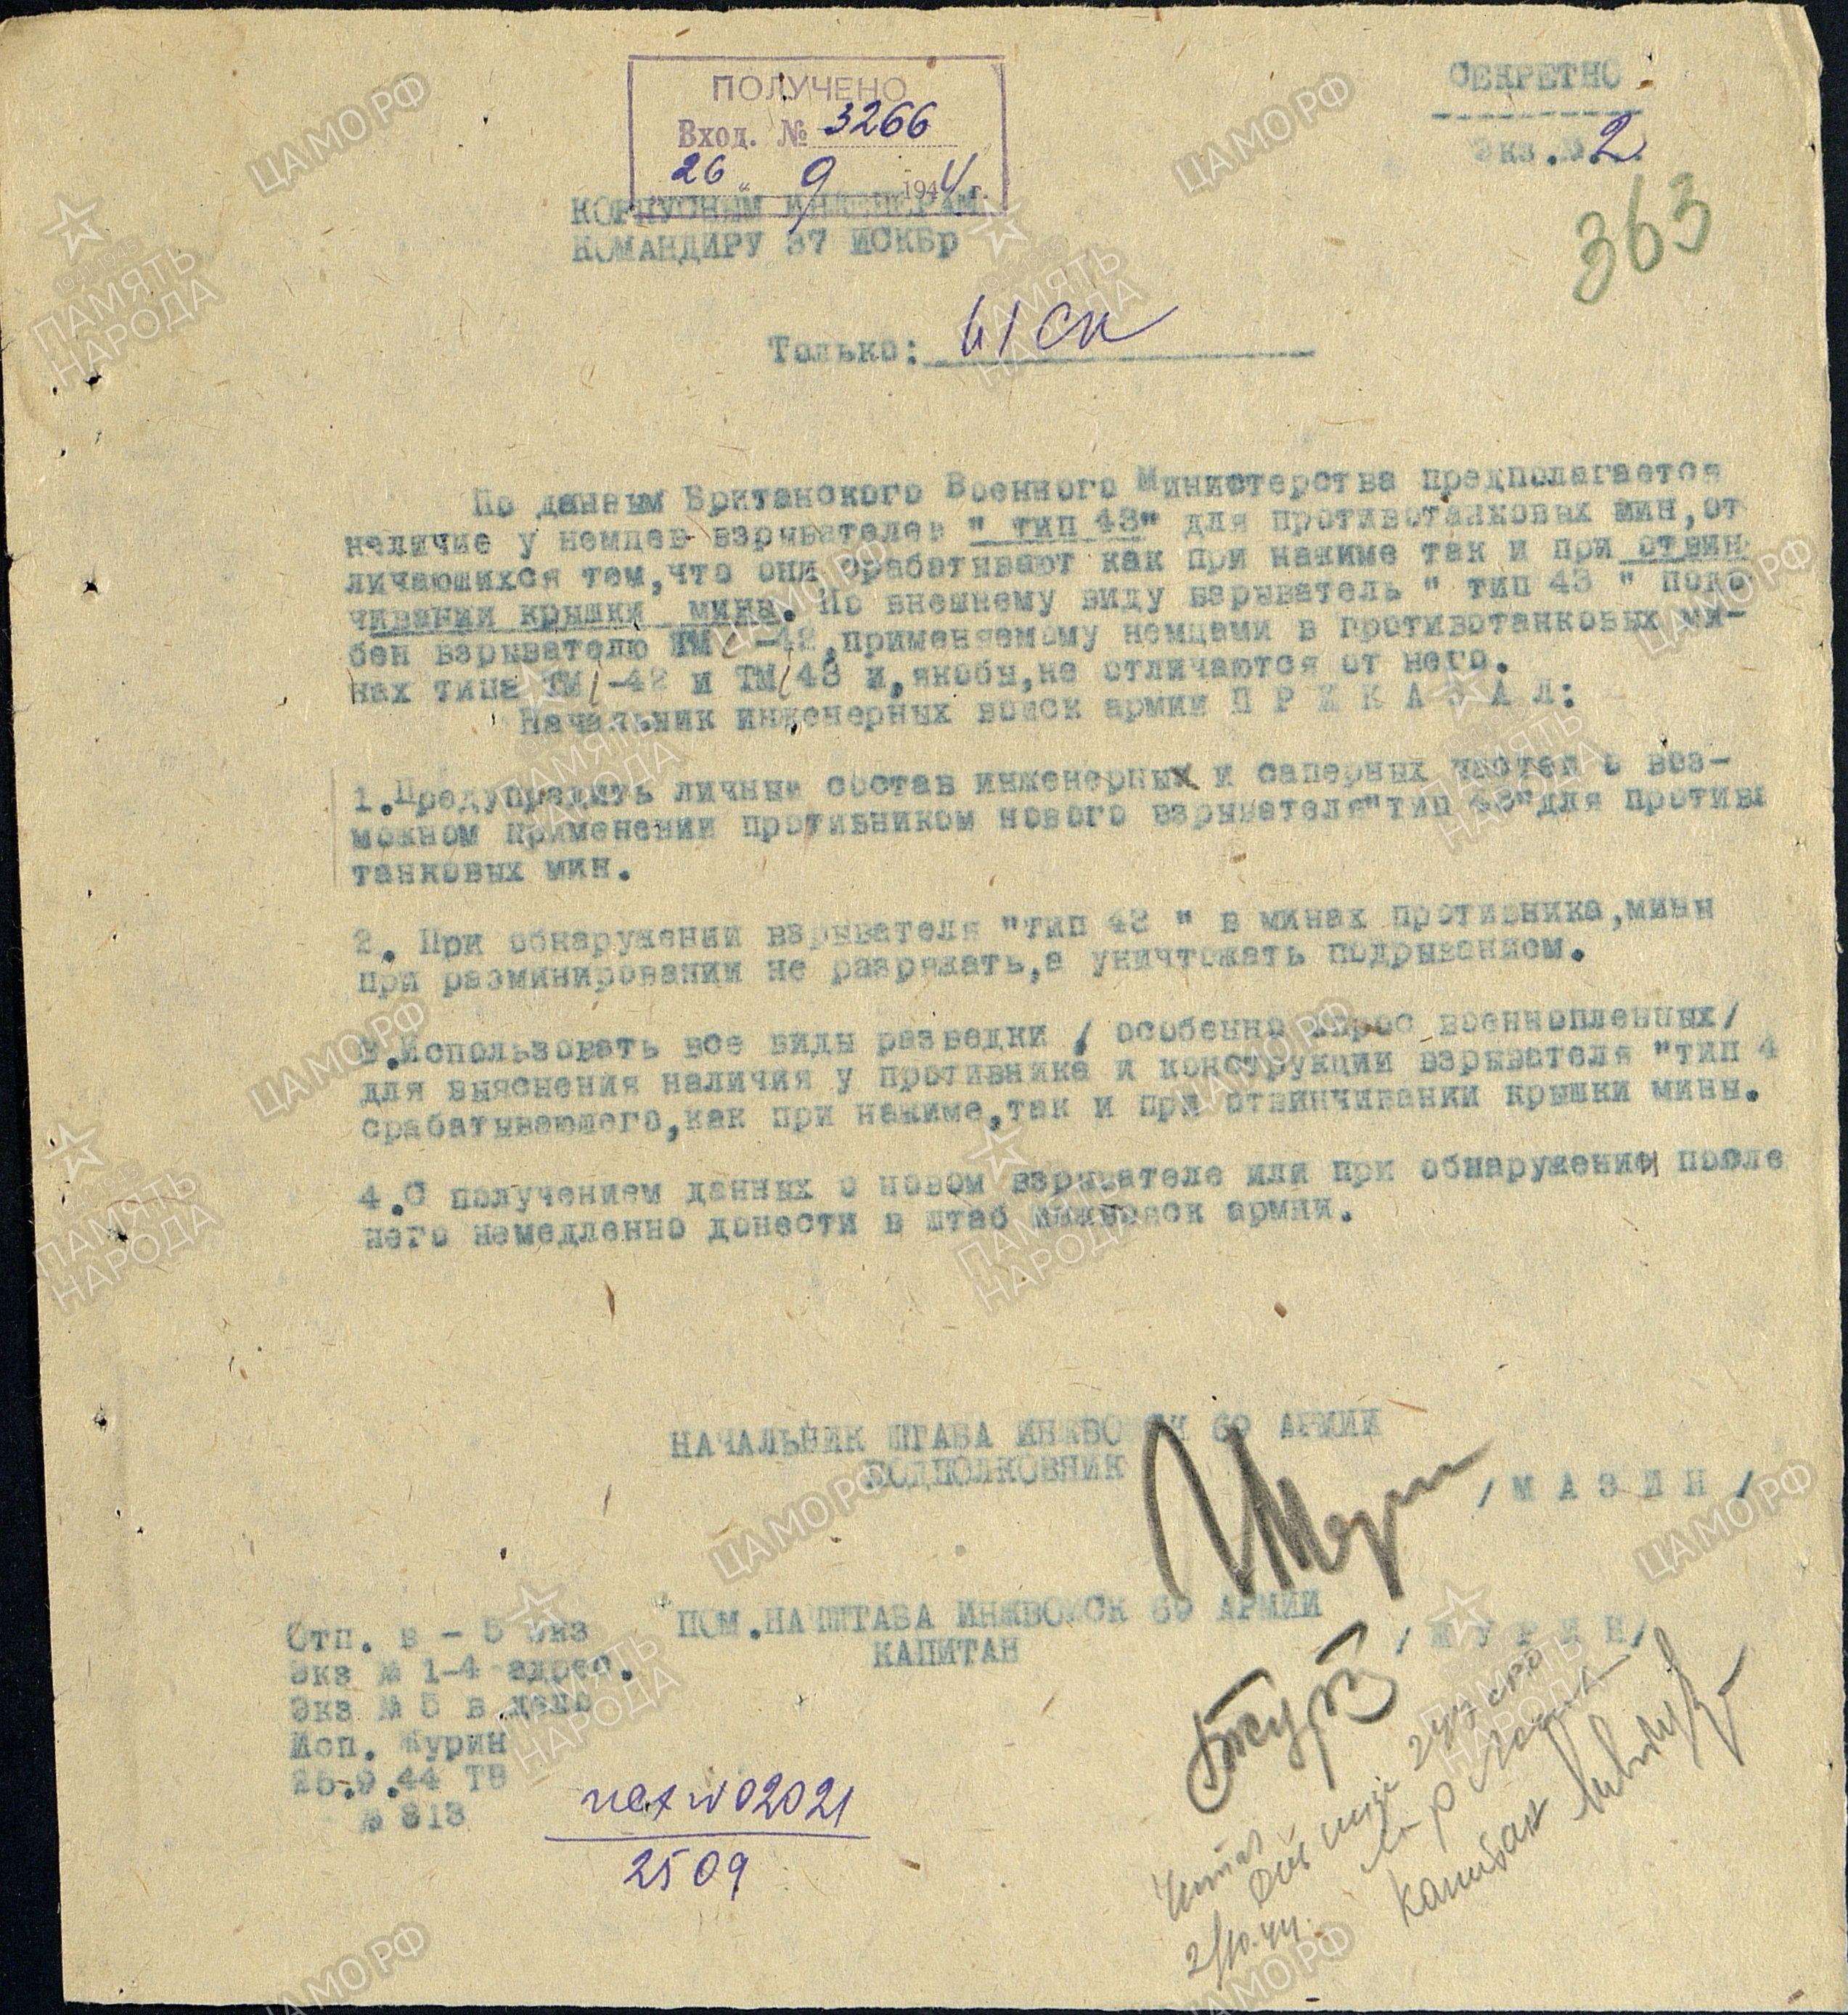 По данным Британского Военного Министерства предполагается наличие у немцев взрывателей